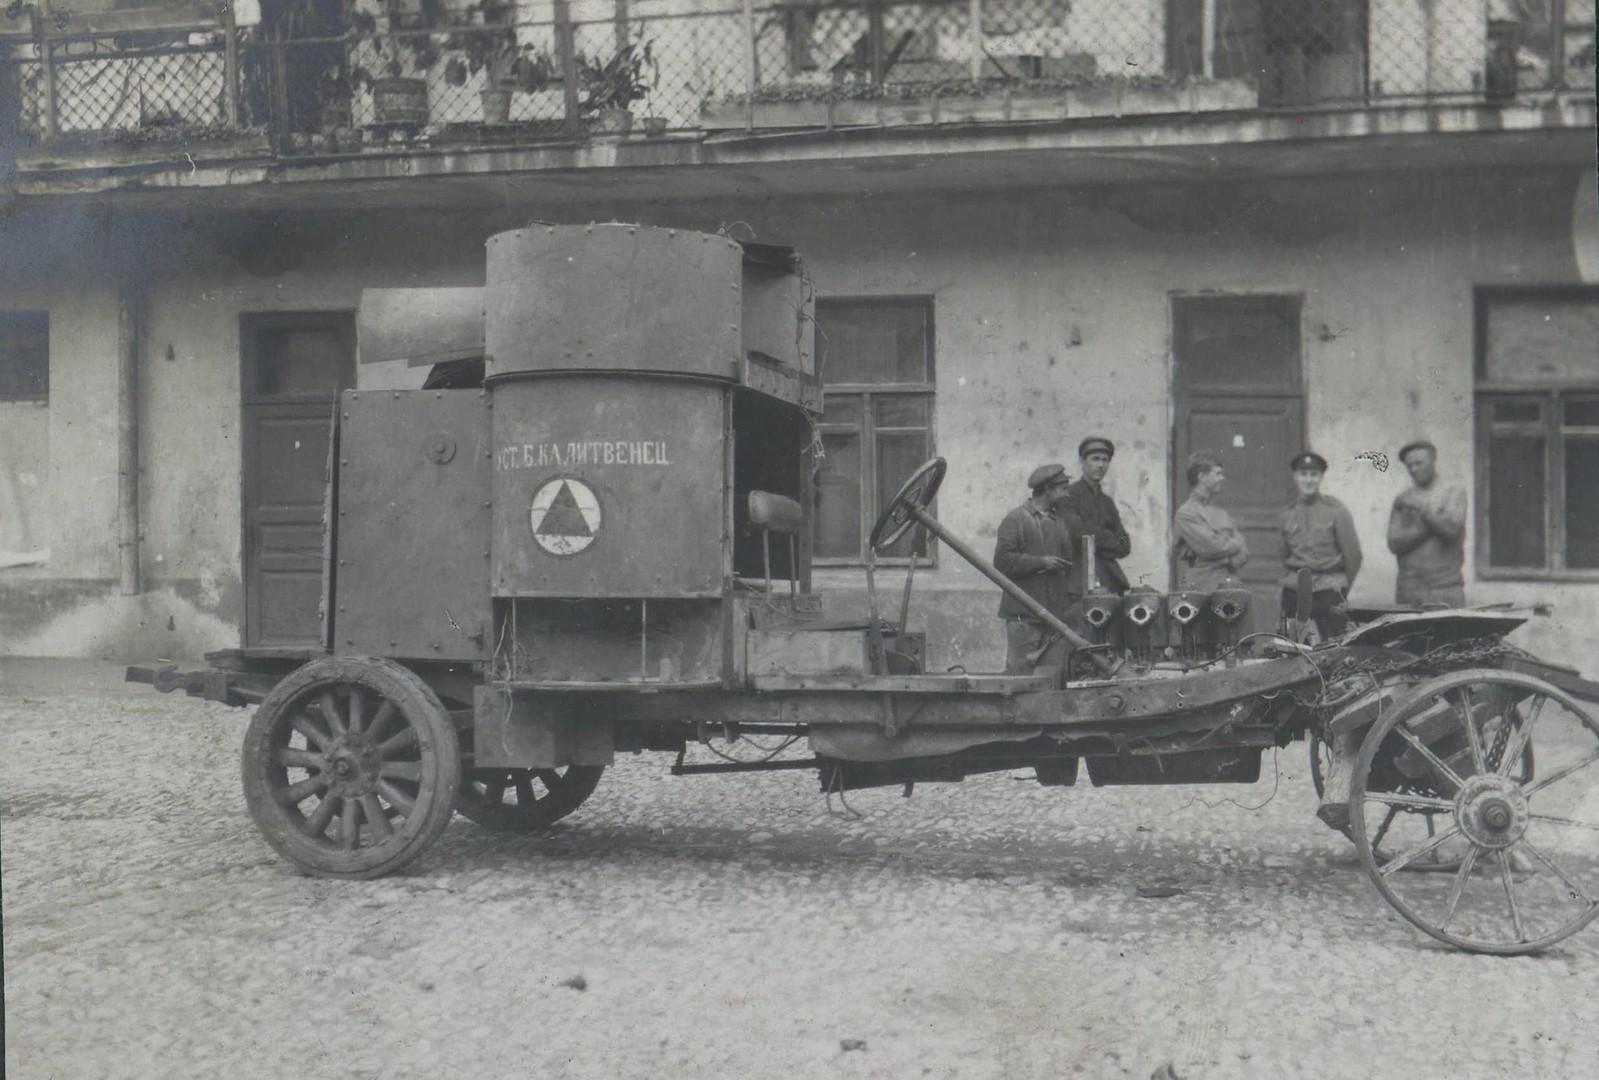 335. 1919. Остин 2-й серии (Austin model 1915) «Усть-Белокалитвенец»